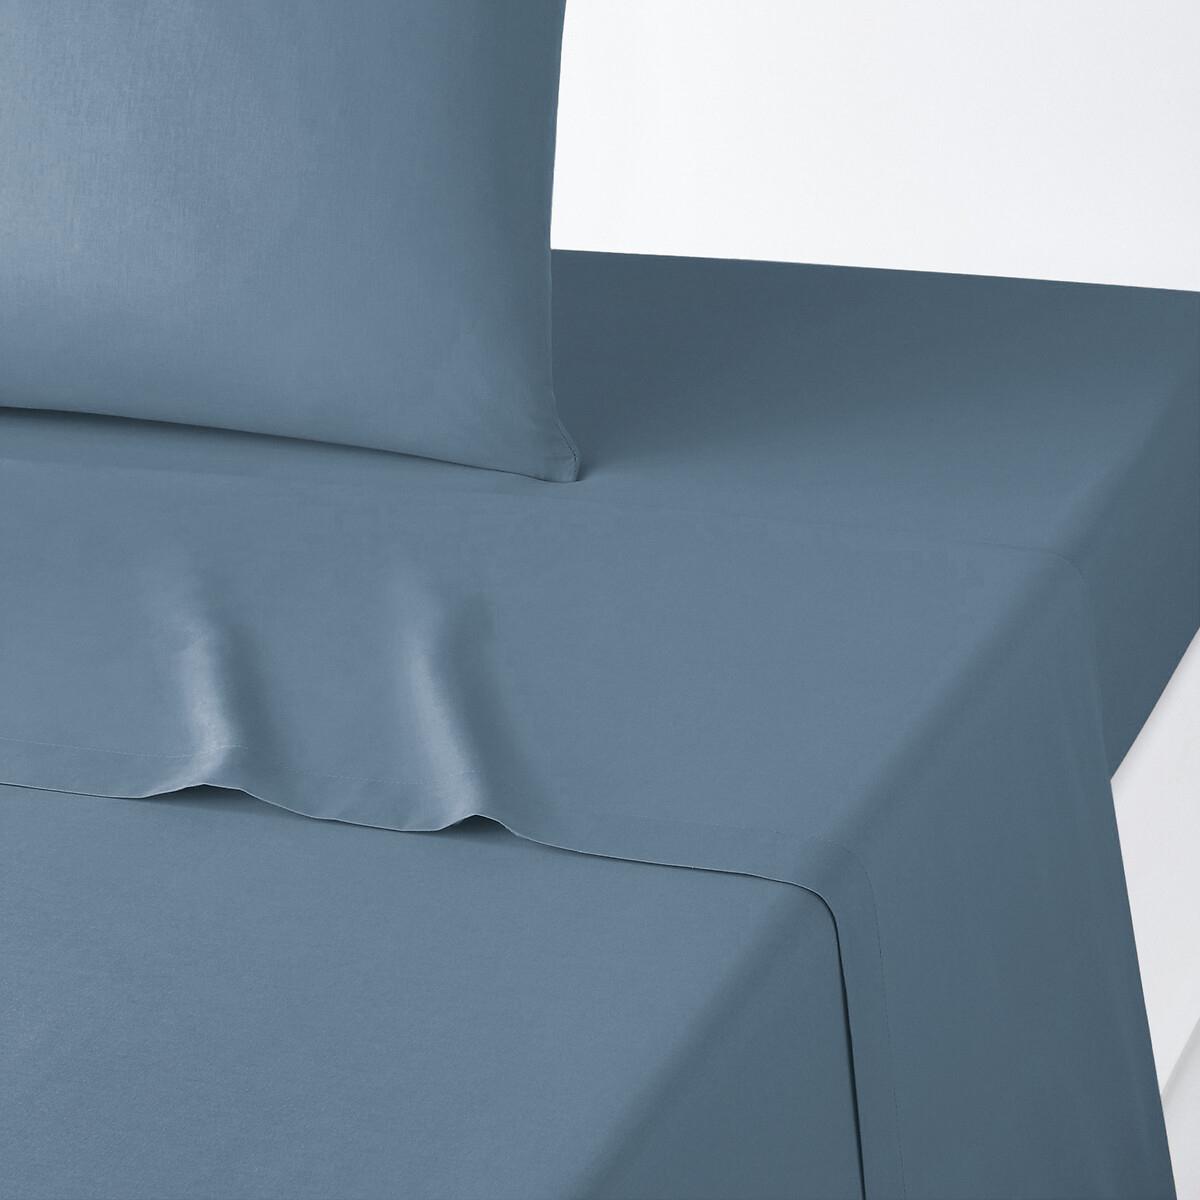 Простыня LaRedoute Однотонная из поликотона Scenario 270 x 290 см синий пододеяльник laredoute детский из поликотона scenario 140 x 200 см синий